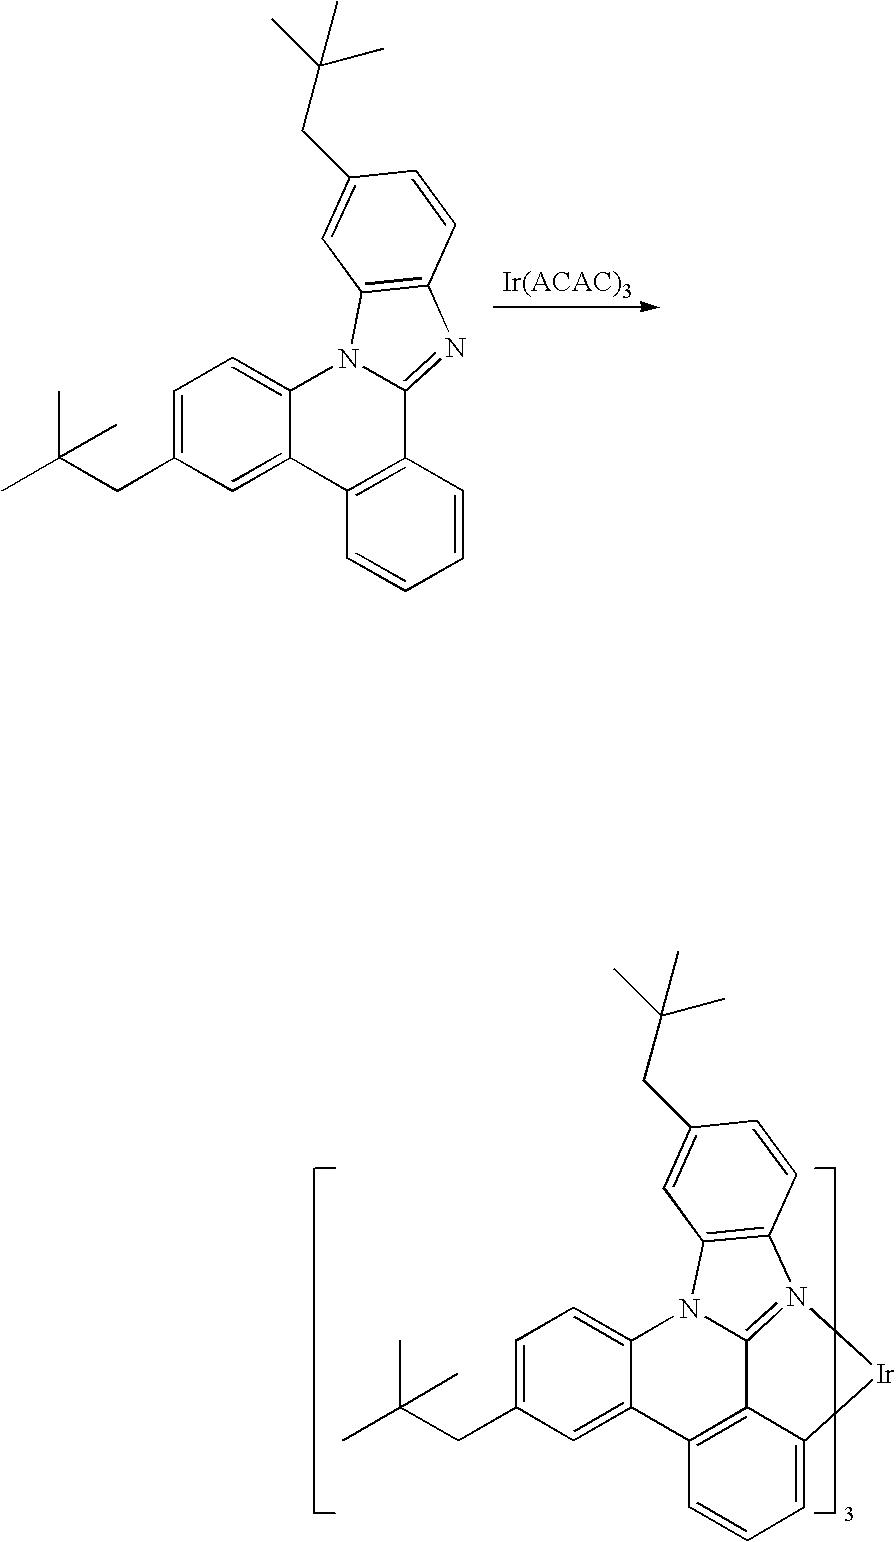 Figure US08142909-20120327-C00227